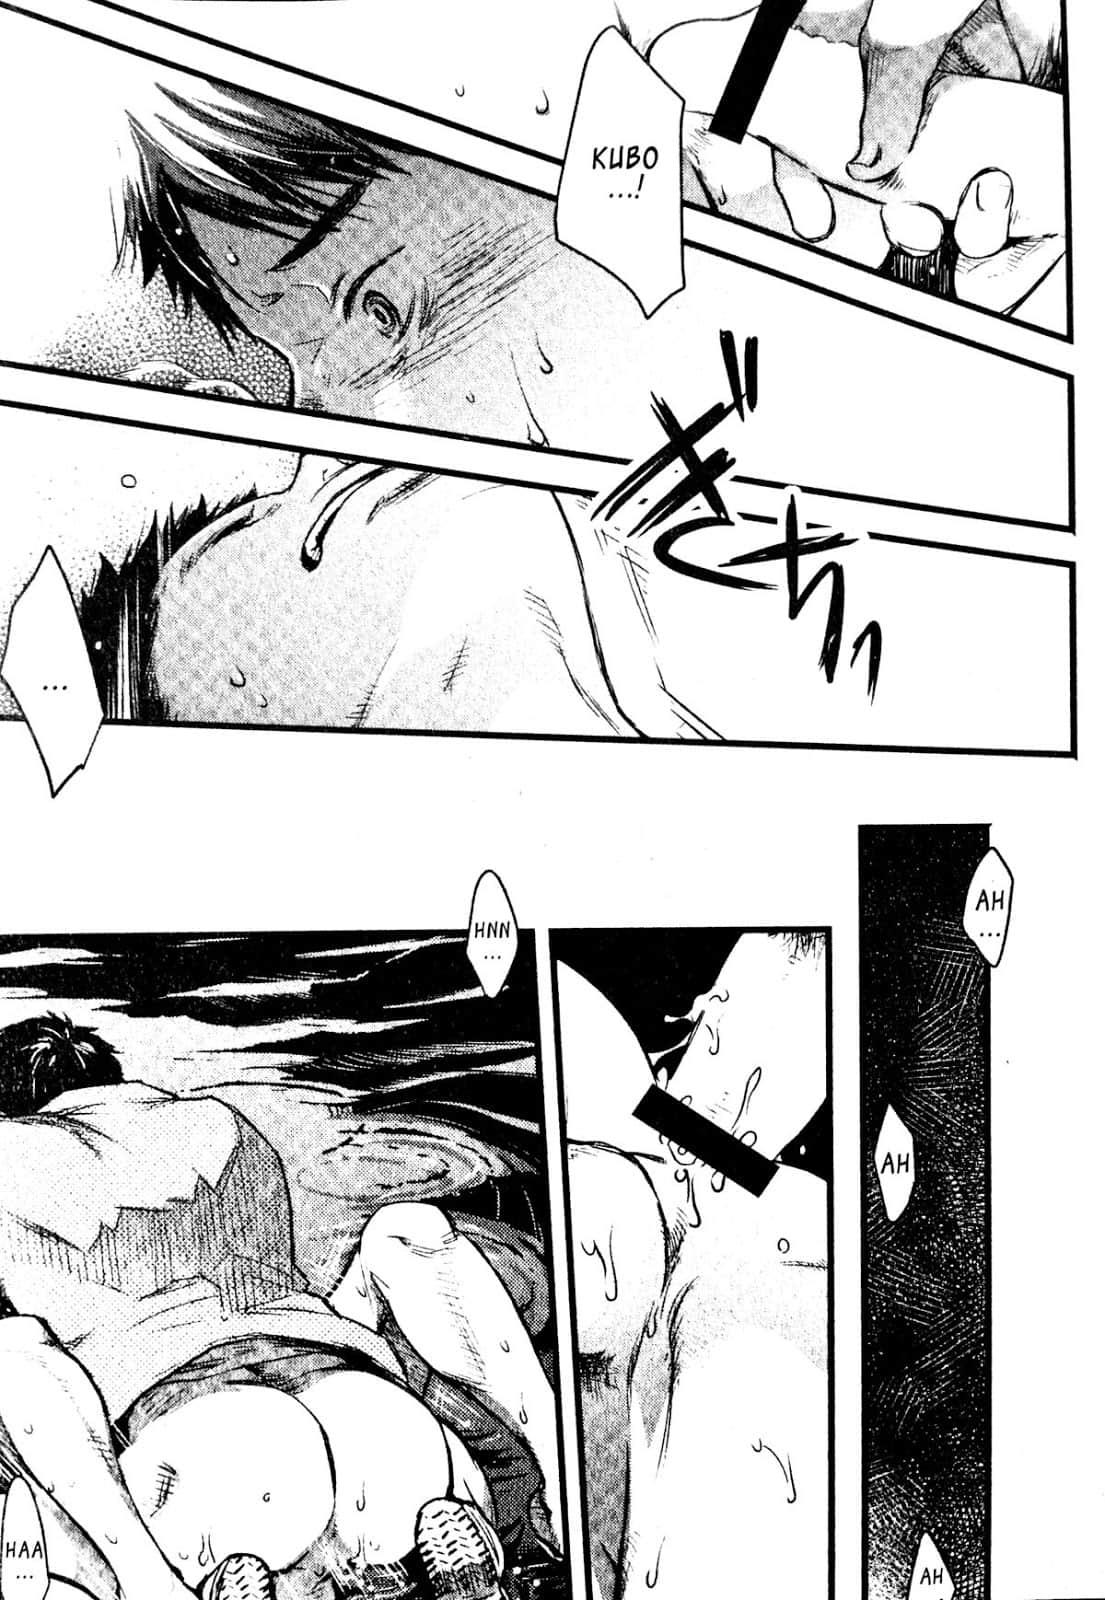 Trang 23 - Tuổi trẻ và Tội lỗi (- Tsukumo Gou (BOX)) - Truyện tranh Gay - Server HostedOnGoogleServerStaging